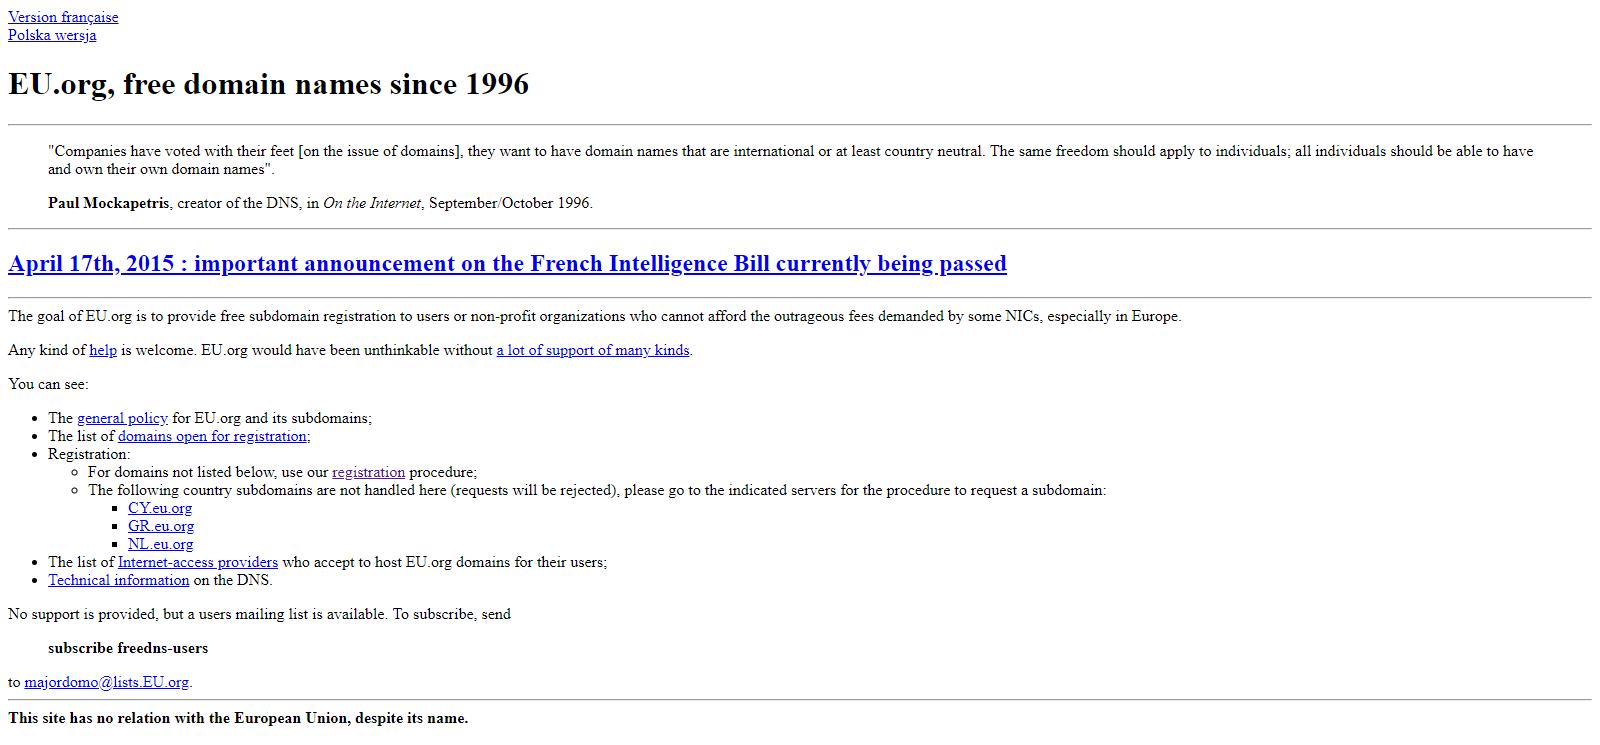 https://image.blowhk.com/freedomain/premium-domain.png